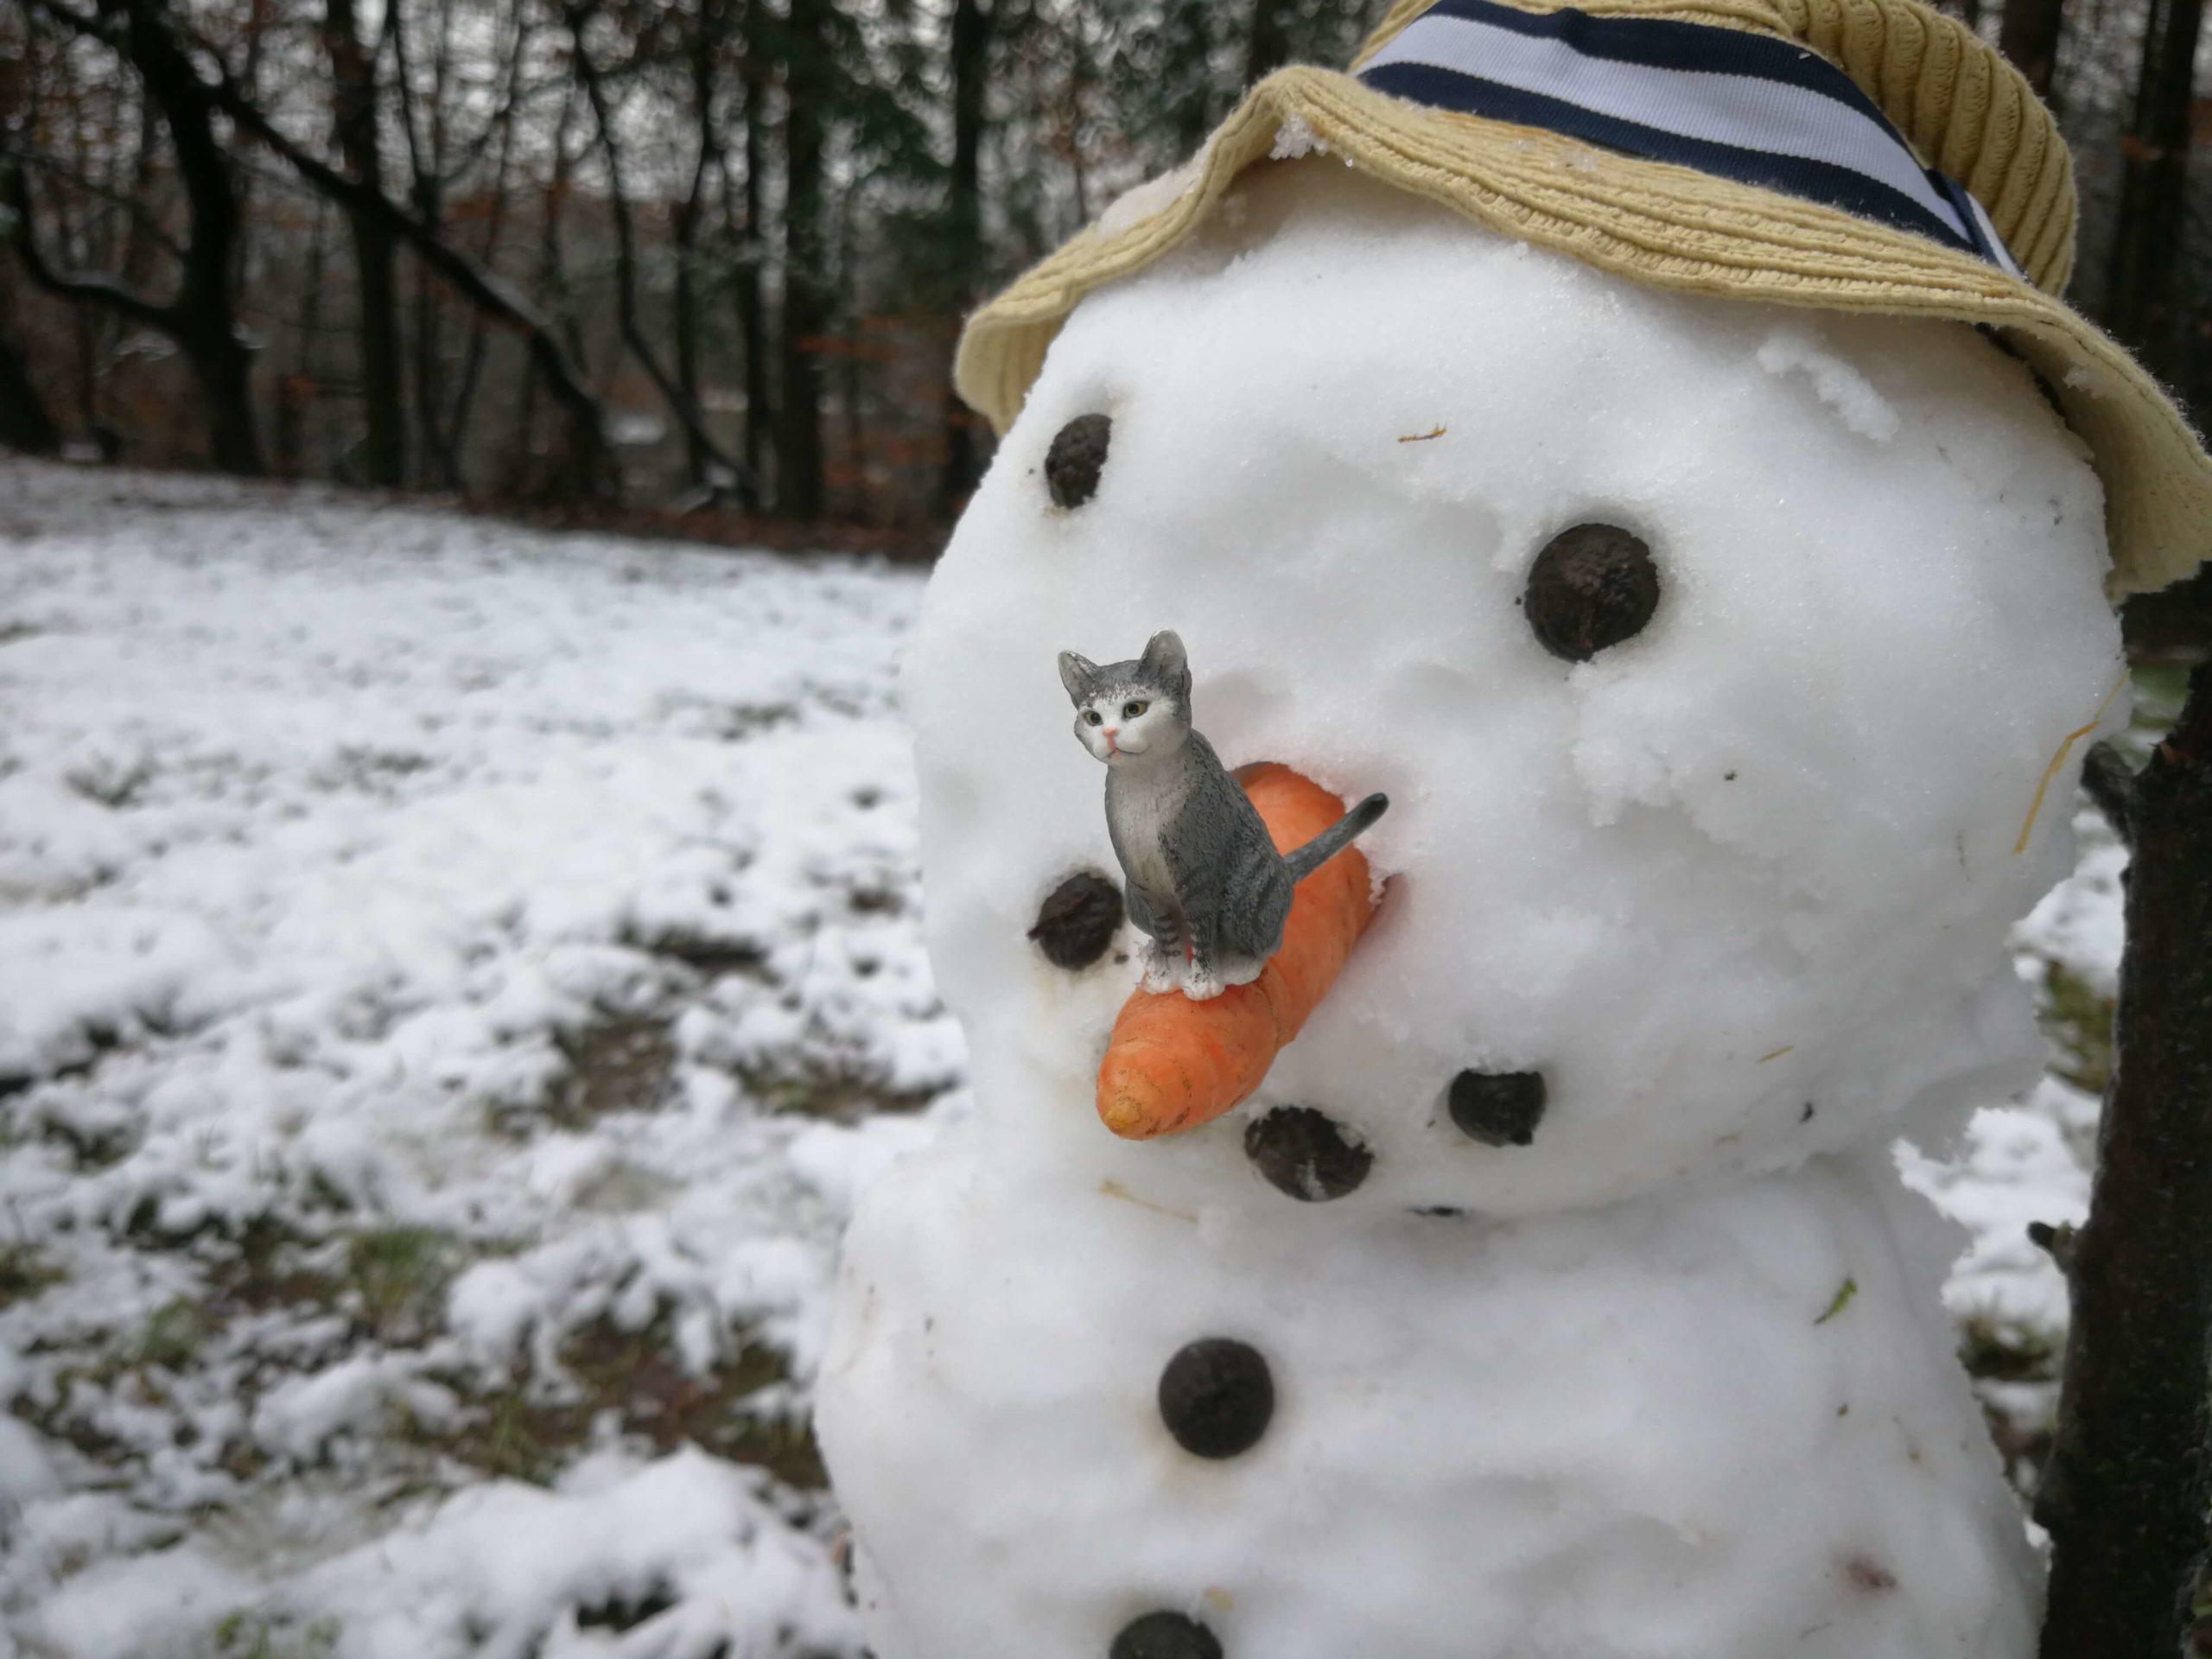 Schleich-Katze sitzt auf dem Schneemann